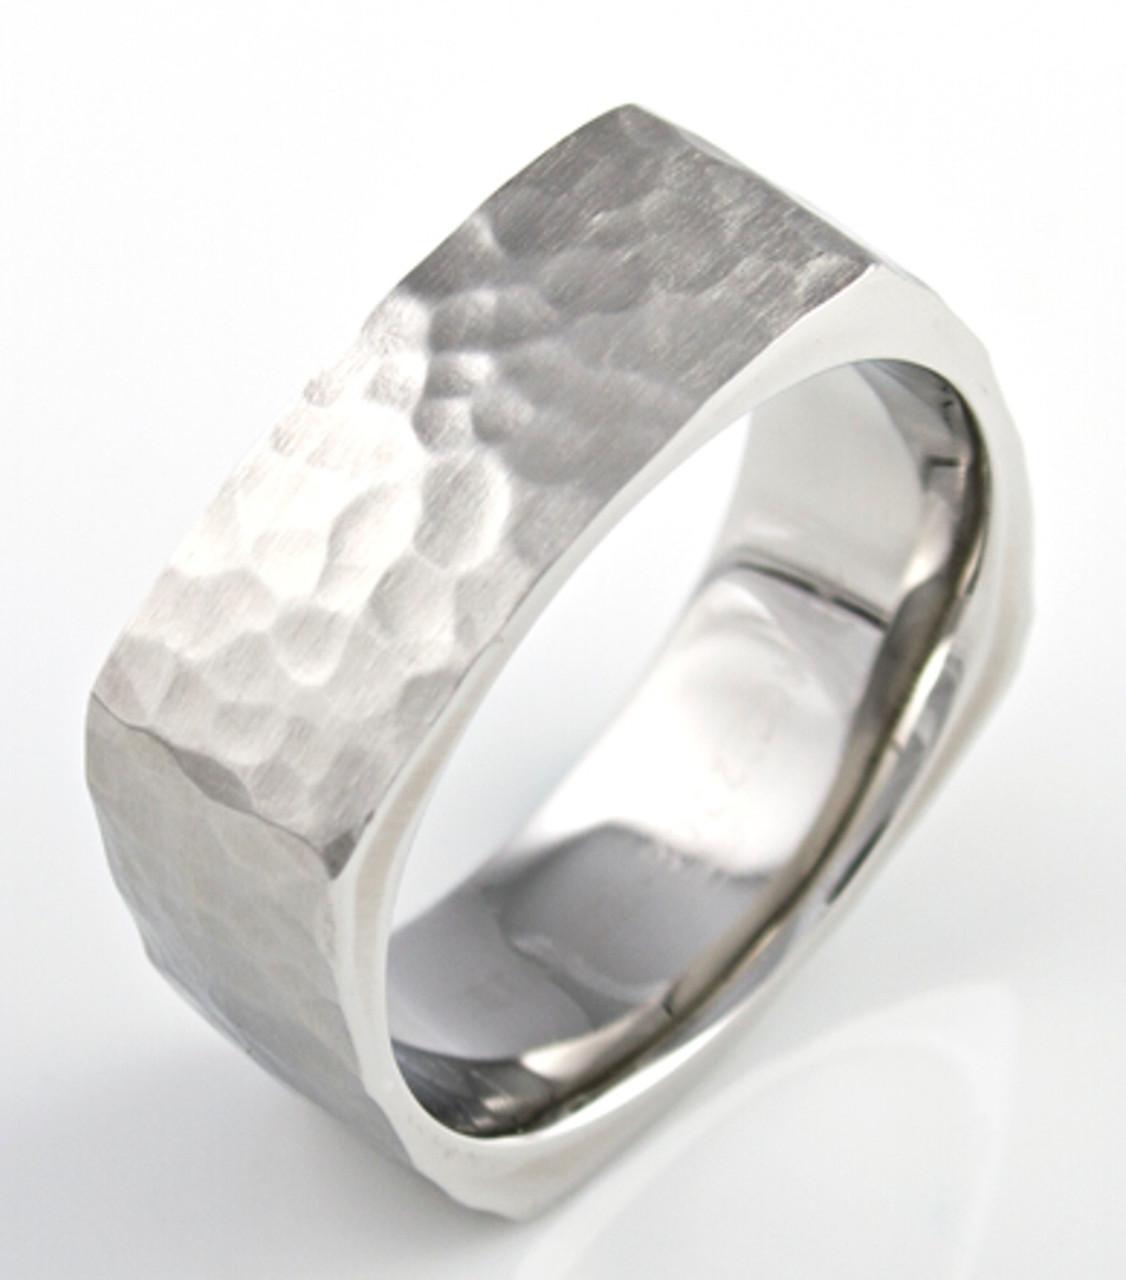 Super Square Cobalt Hammered Ring - Unique Titanium Rings & More  NP02